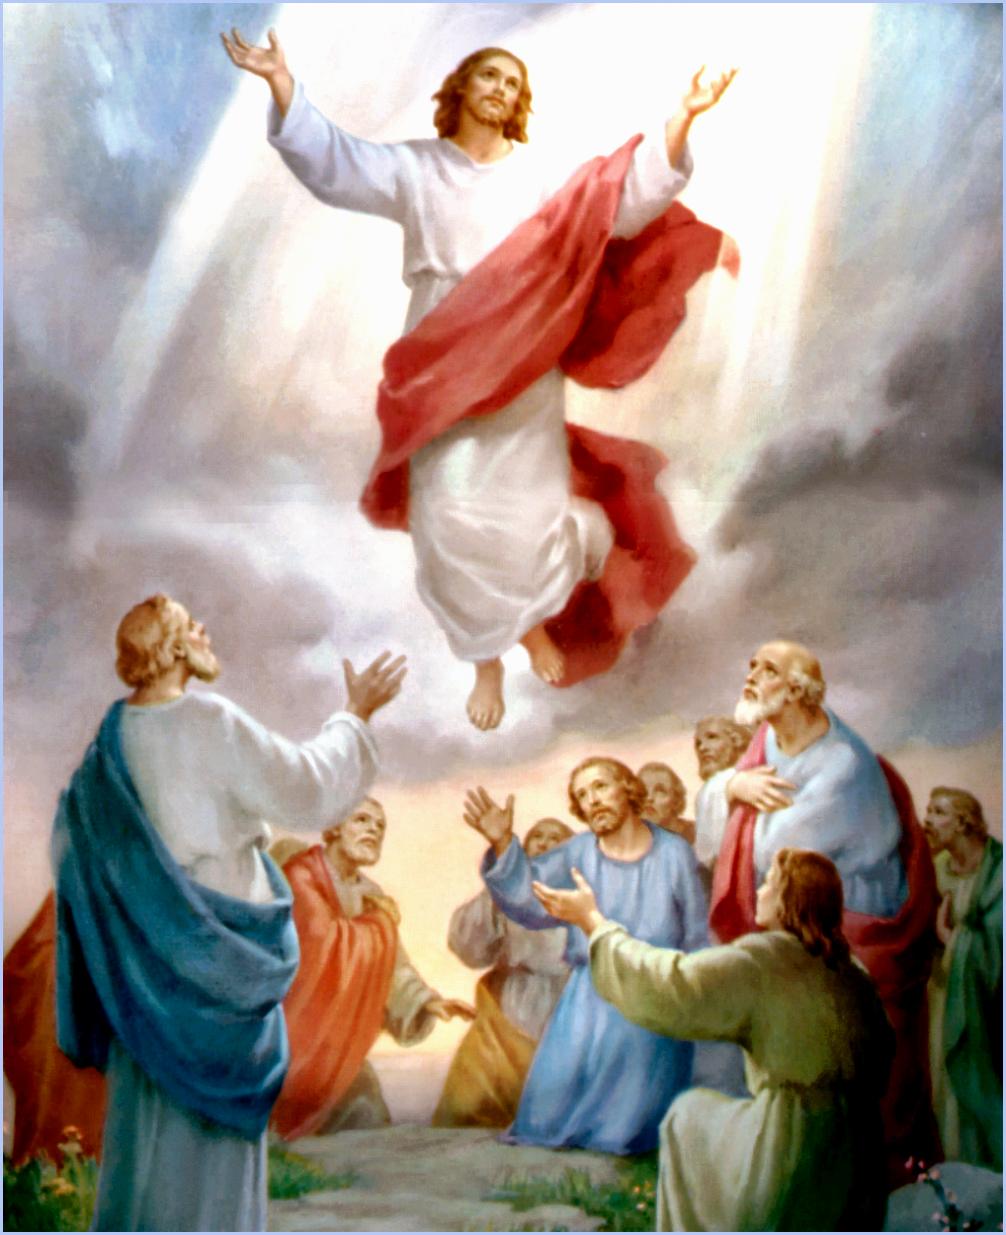 Para postear solo hechos concretos - Página 3 Ascension-de-jesus-sacerdote-eterno-blog